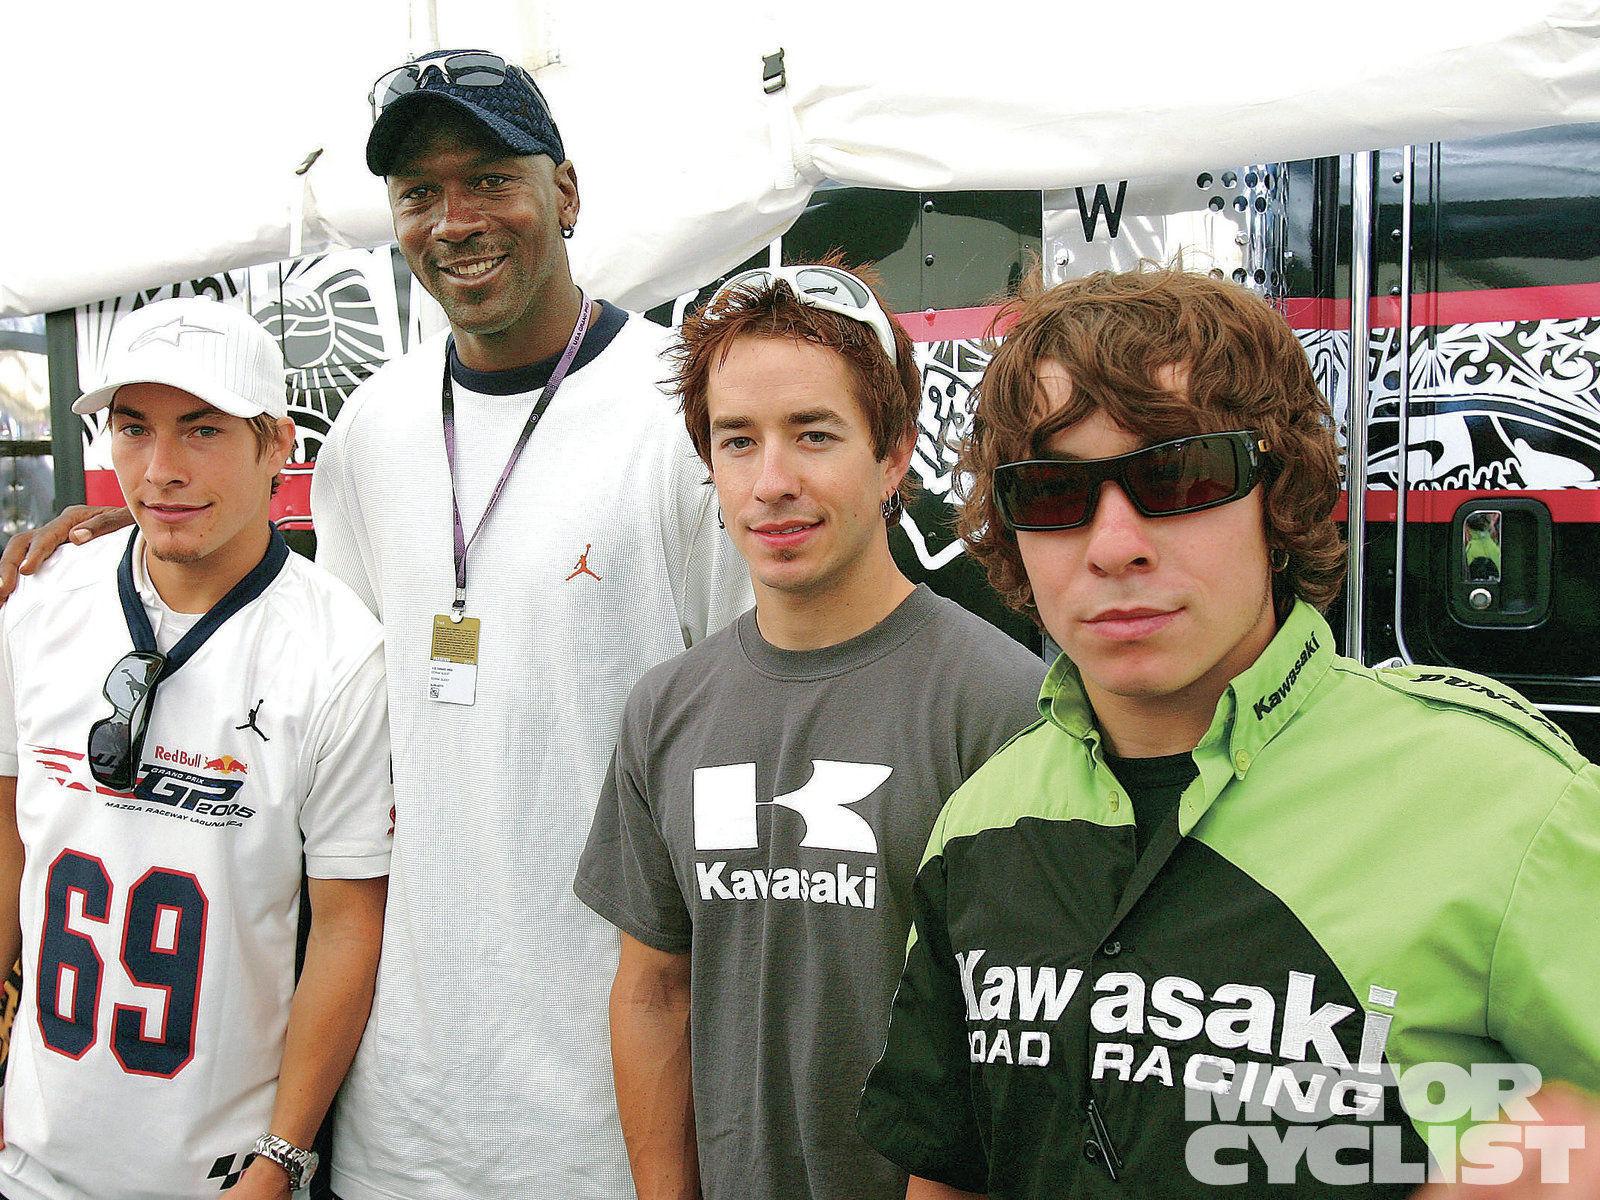 因比賽多半在歐陸舉行,但只要在如Laguna Seca 的美國賽道比賽,思念Nicky Hayden的一家人絕對會到場,給予他最需要的真誠問候和安慰 (左而右: Nicky Hayden,Michael Jordan, Tommy & Roger  Hayden)     Photo:motorcyclist